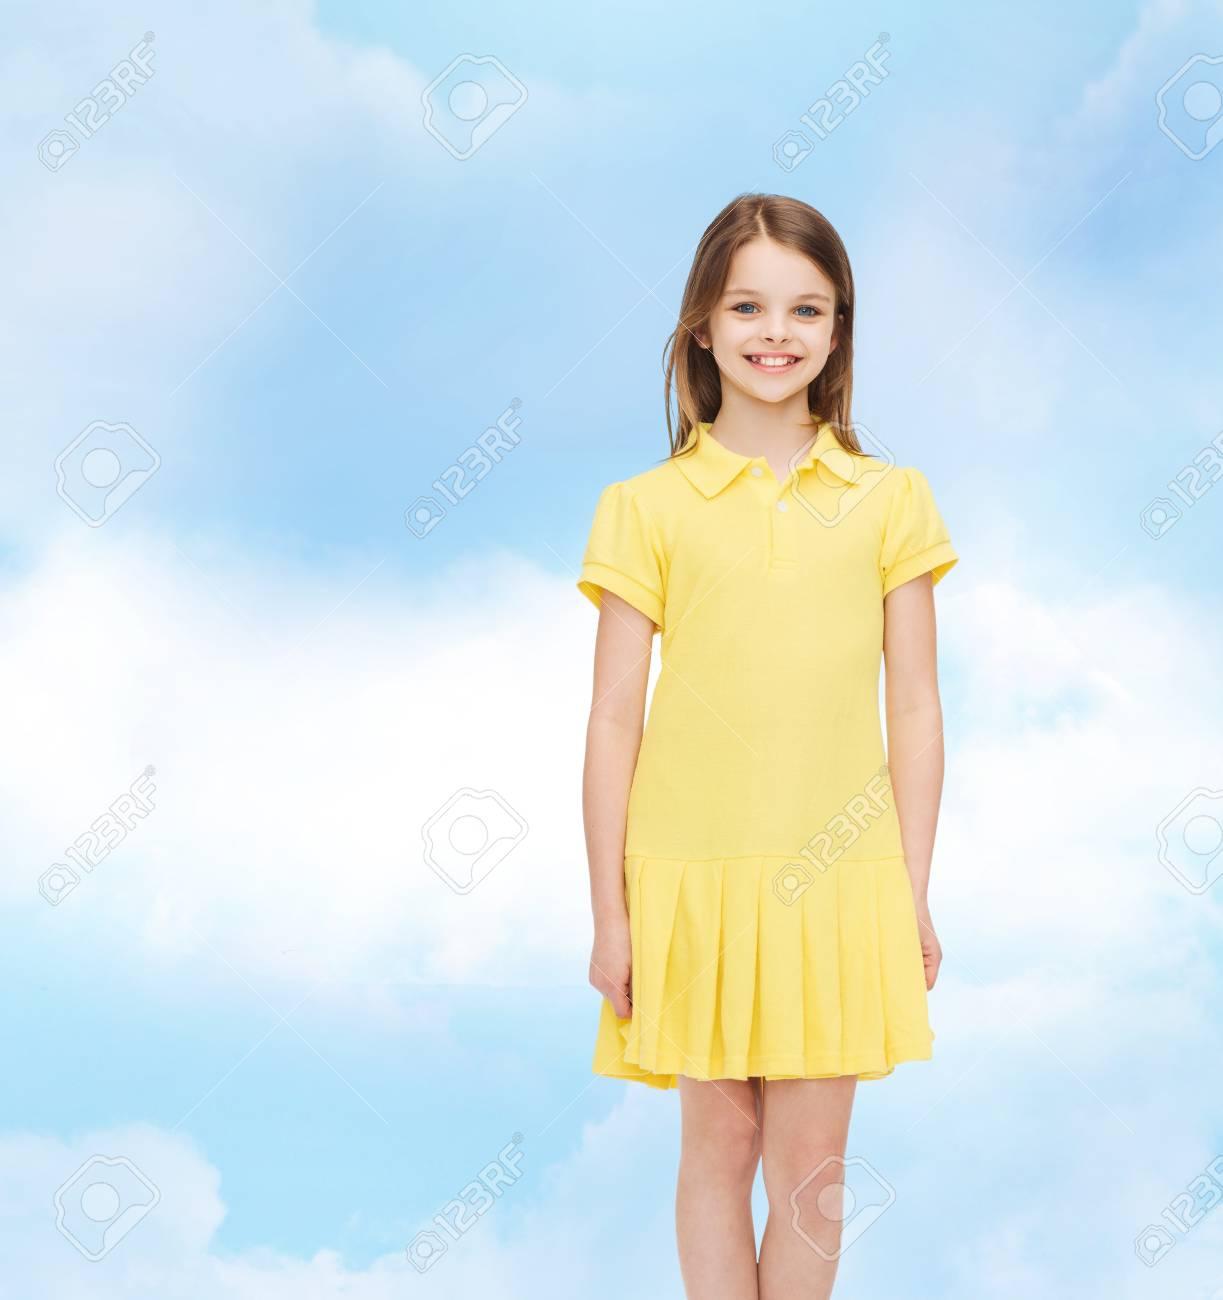 pretty nice 339ae 518f4 La felicità, l'infanzia e la gente concept - bambina sorridente in abito  giallo